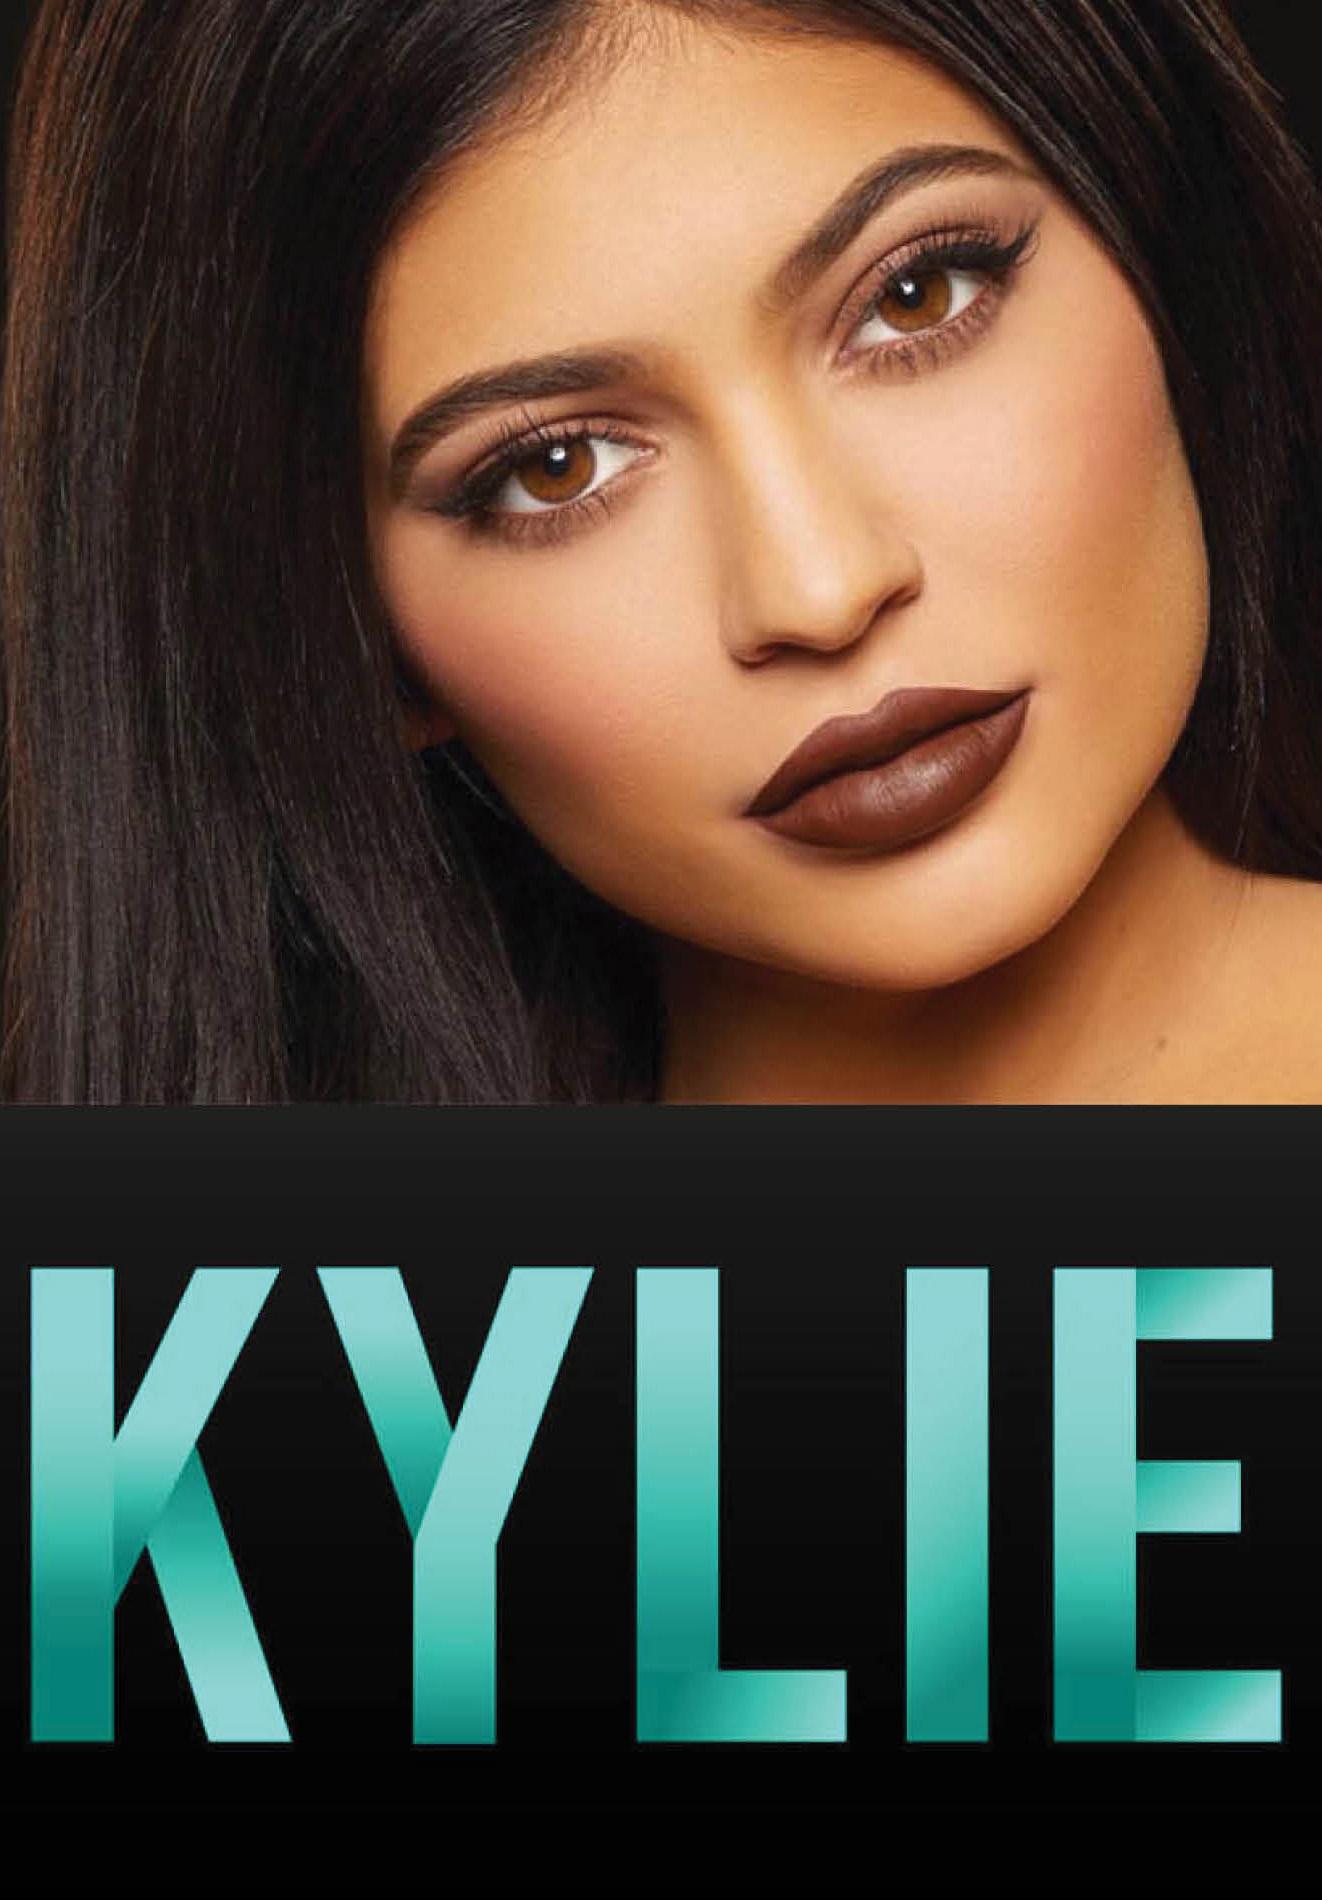 kylie-jenner-cover.jpg